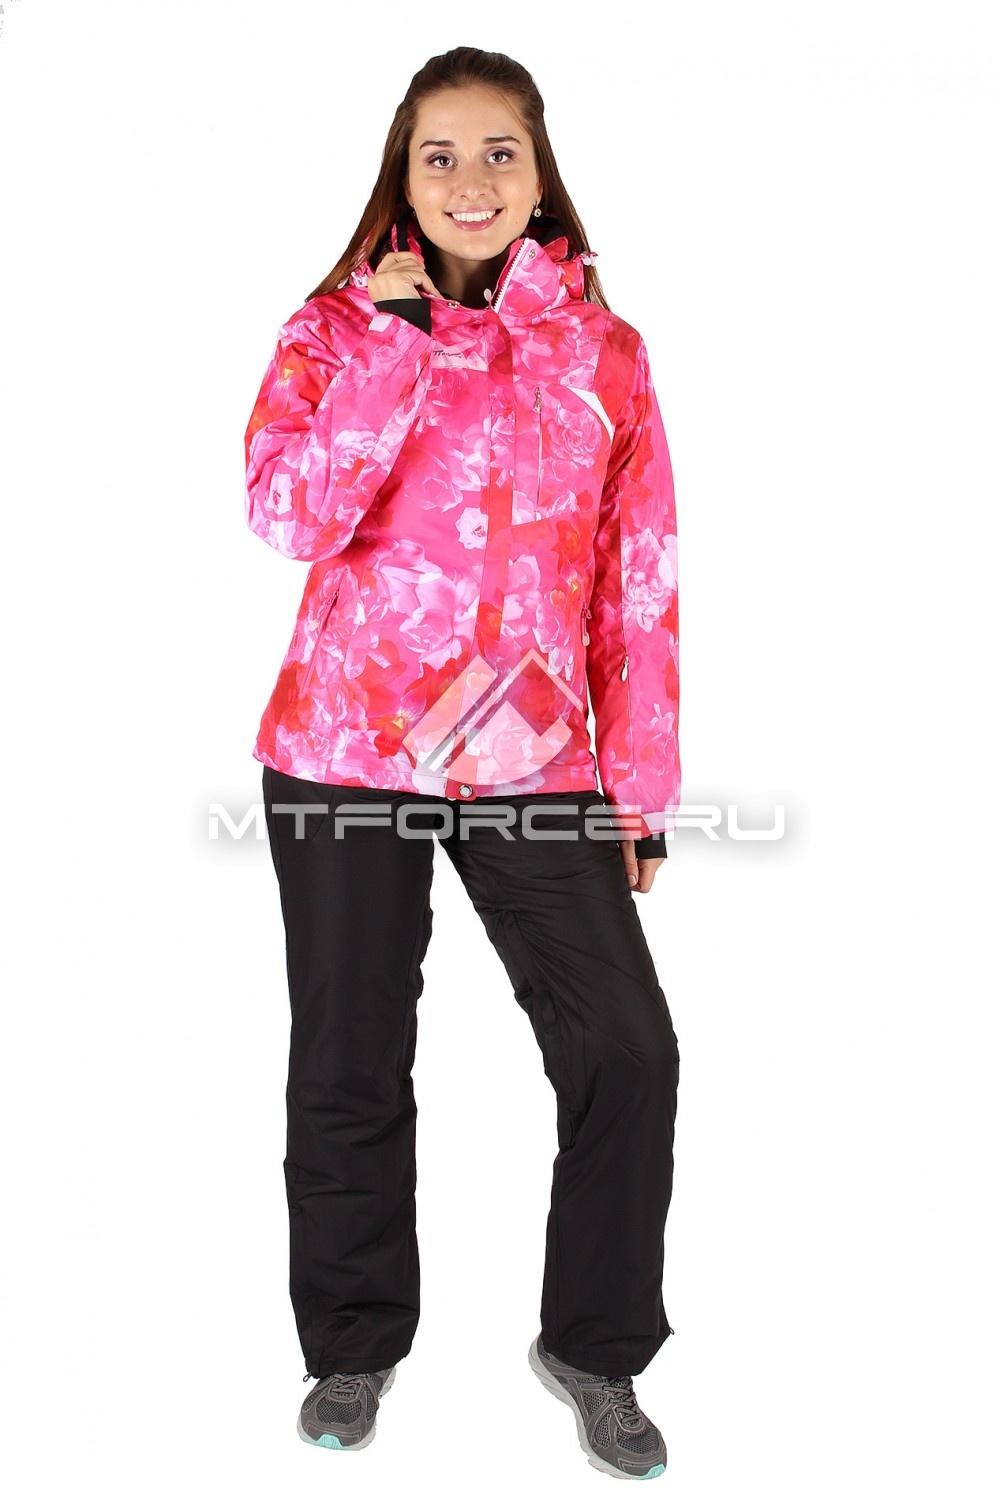 Купить                                  оптом Костюм горнолыжный женский розового цвета 014099R